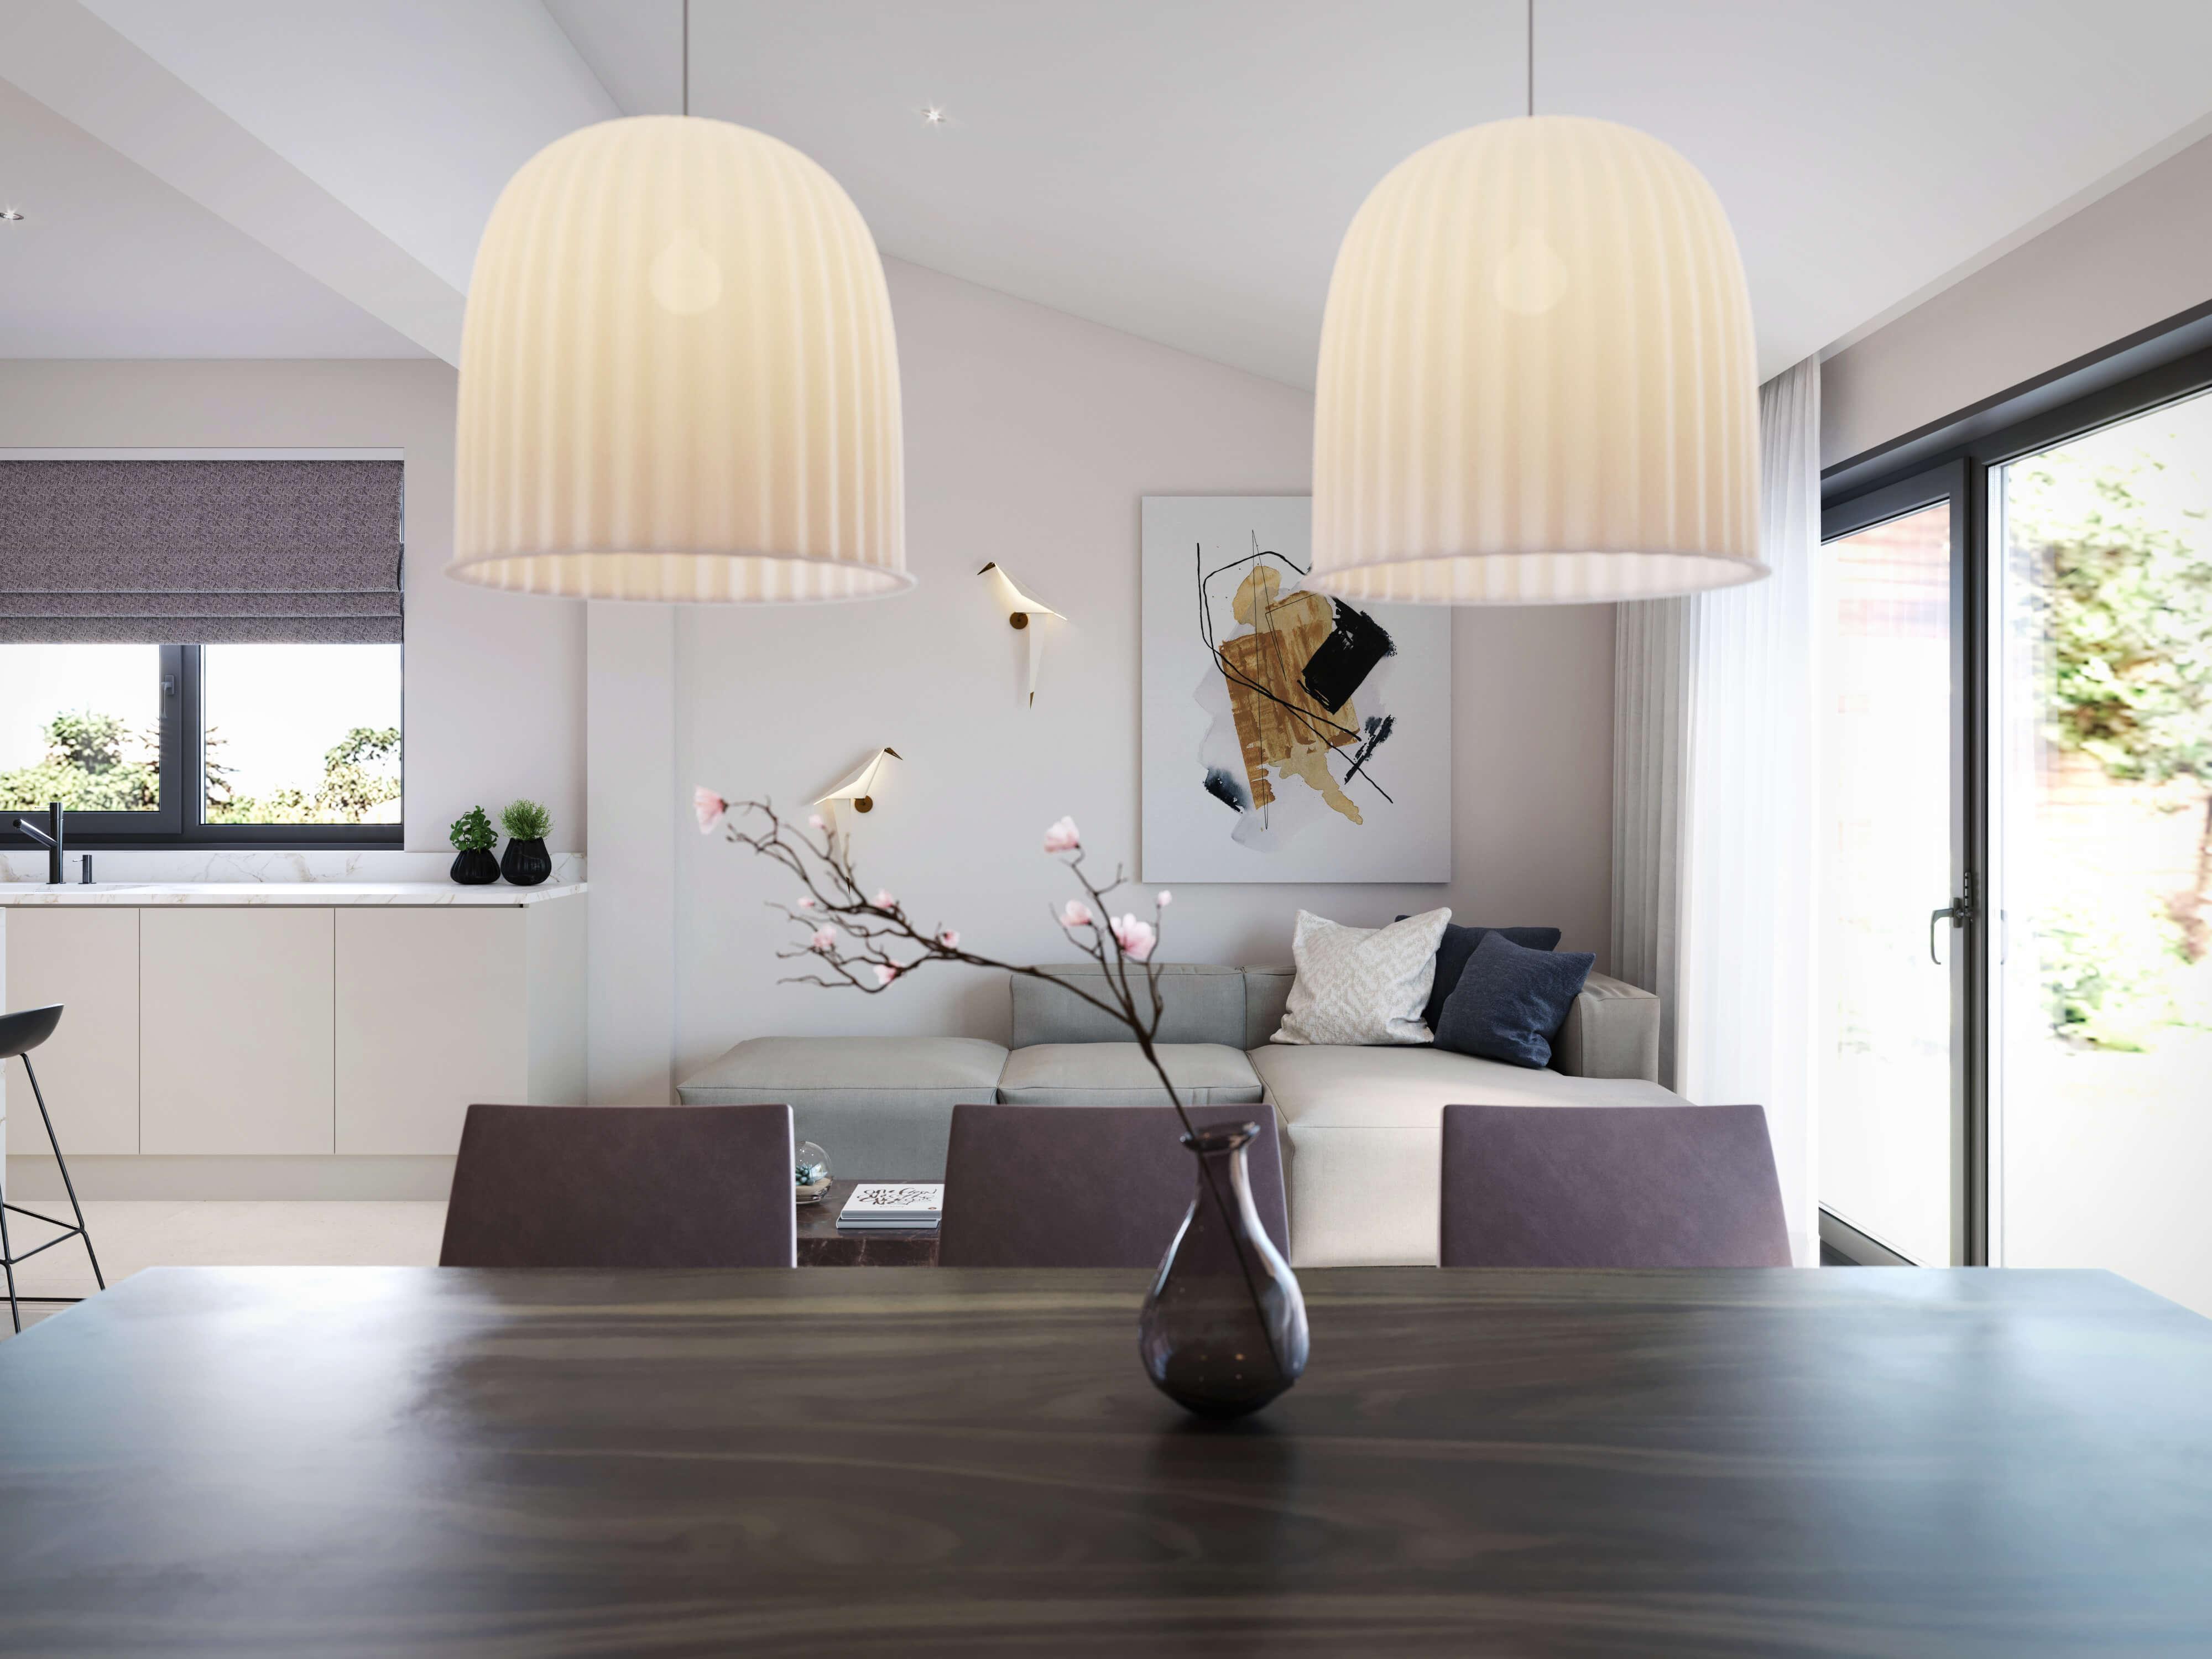 liverpool interior designer, cheshire interior designer, manchester interior designer, wirral interior designer